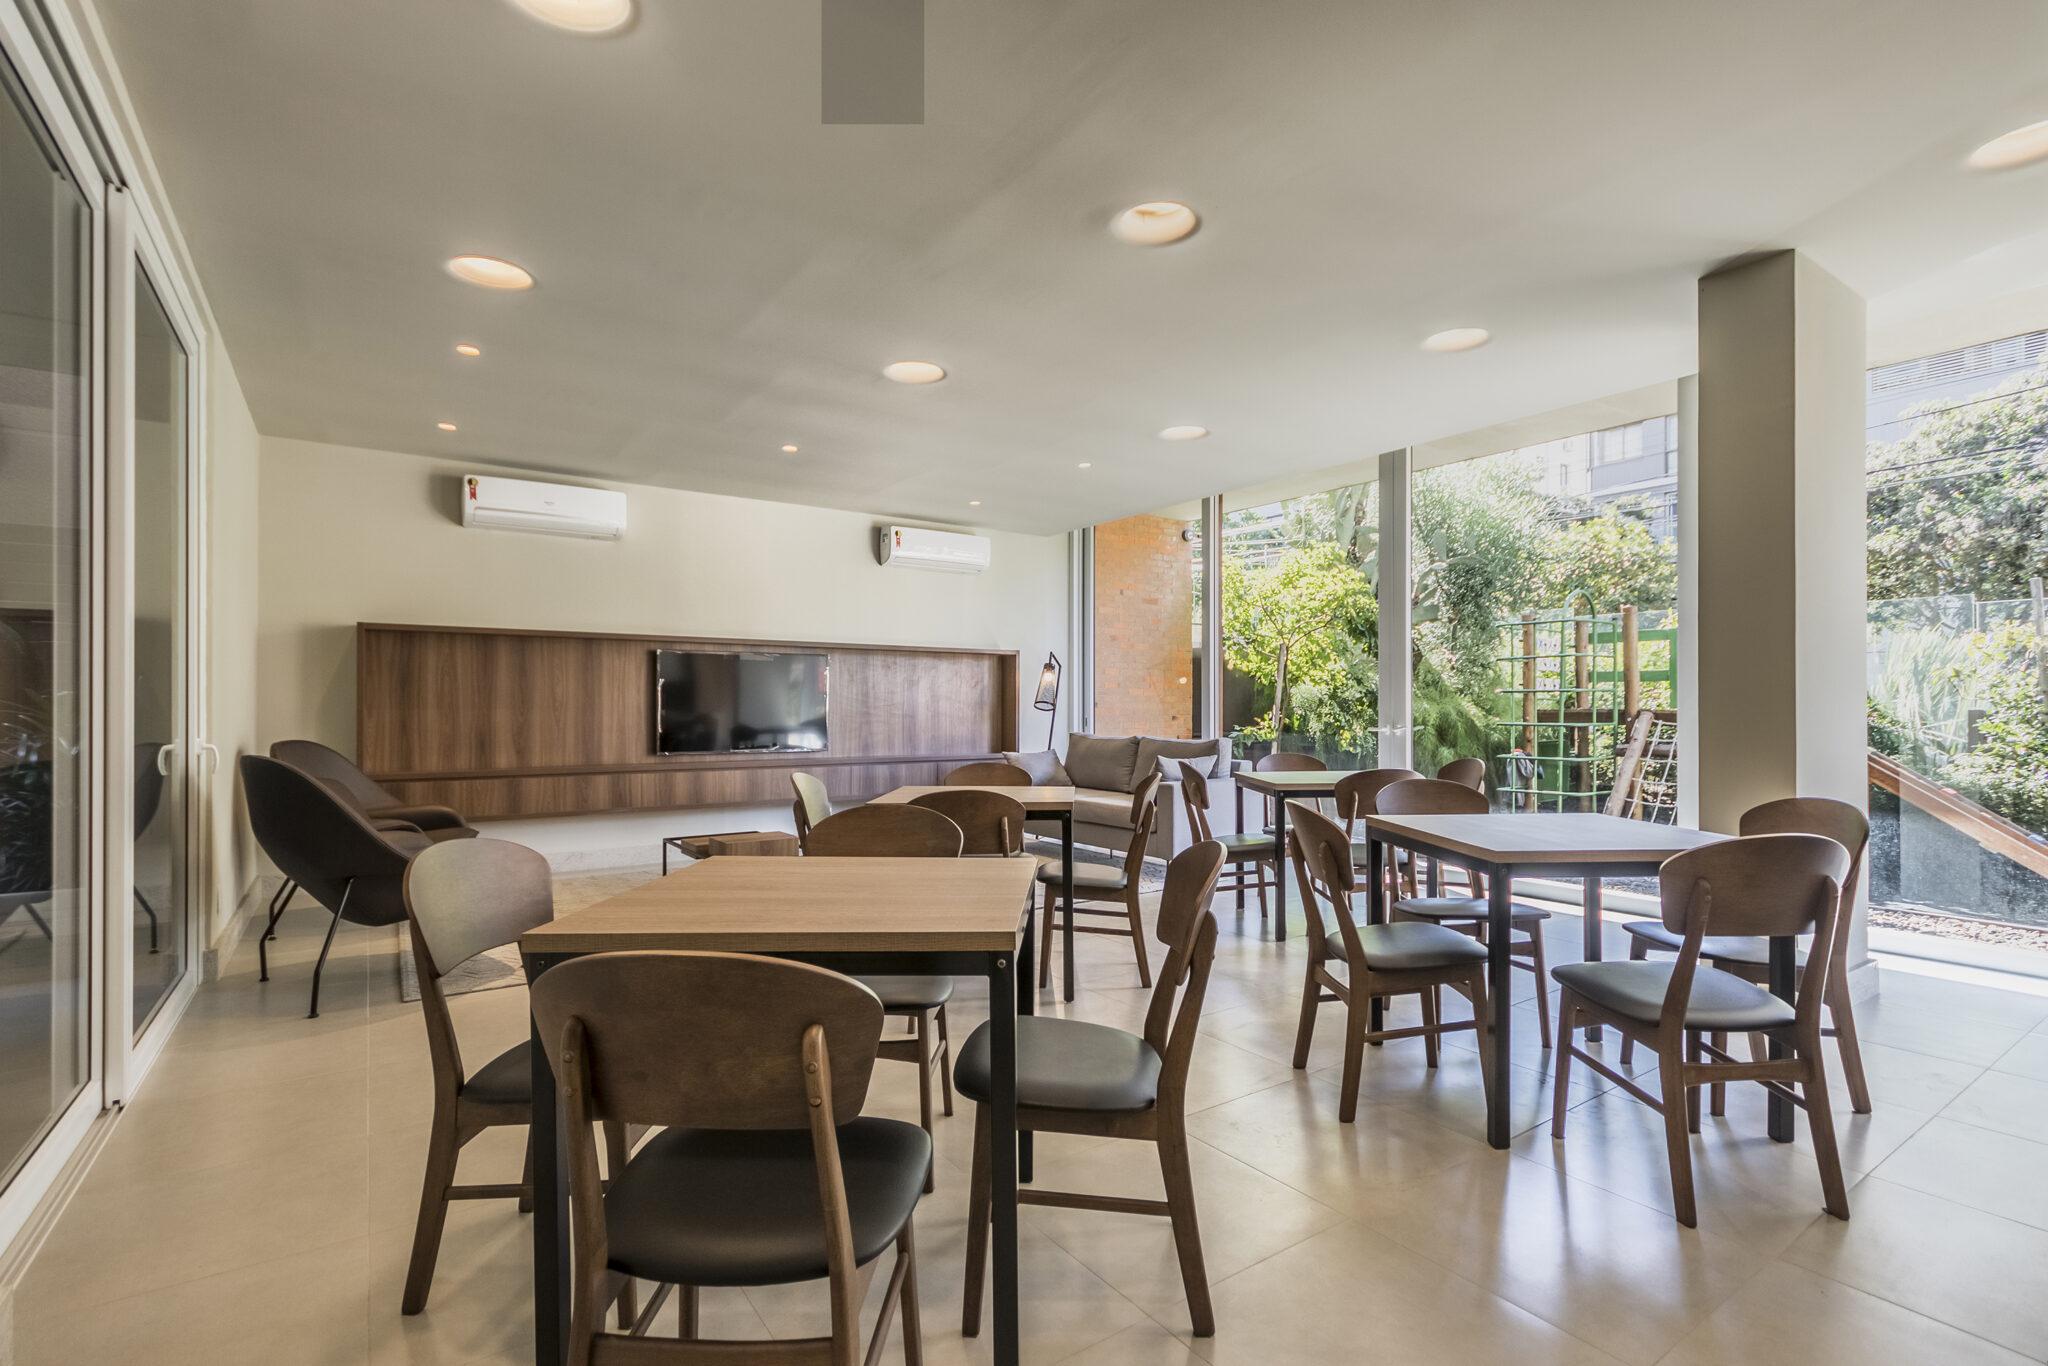 Empreendimento: Adágio - Móveis para o salão de festas - Fotógrafo: Fábio Carvalho